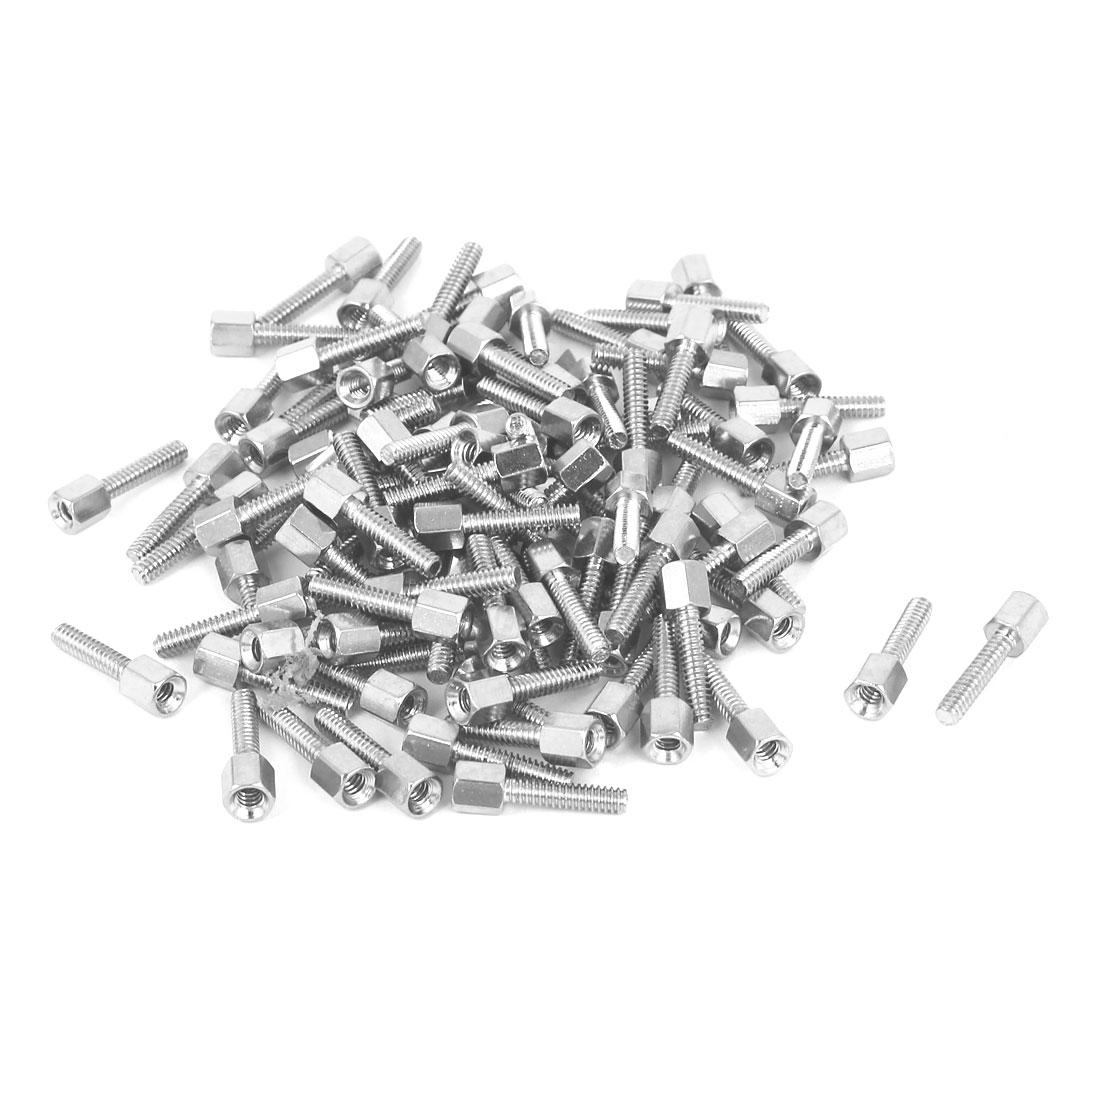 M3x5mm+12mm Male to Female Brass Spacer Hexagonal Standoff Pillar 100pcs